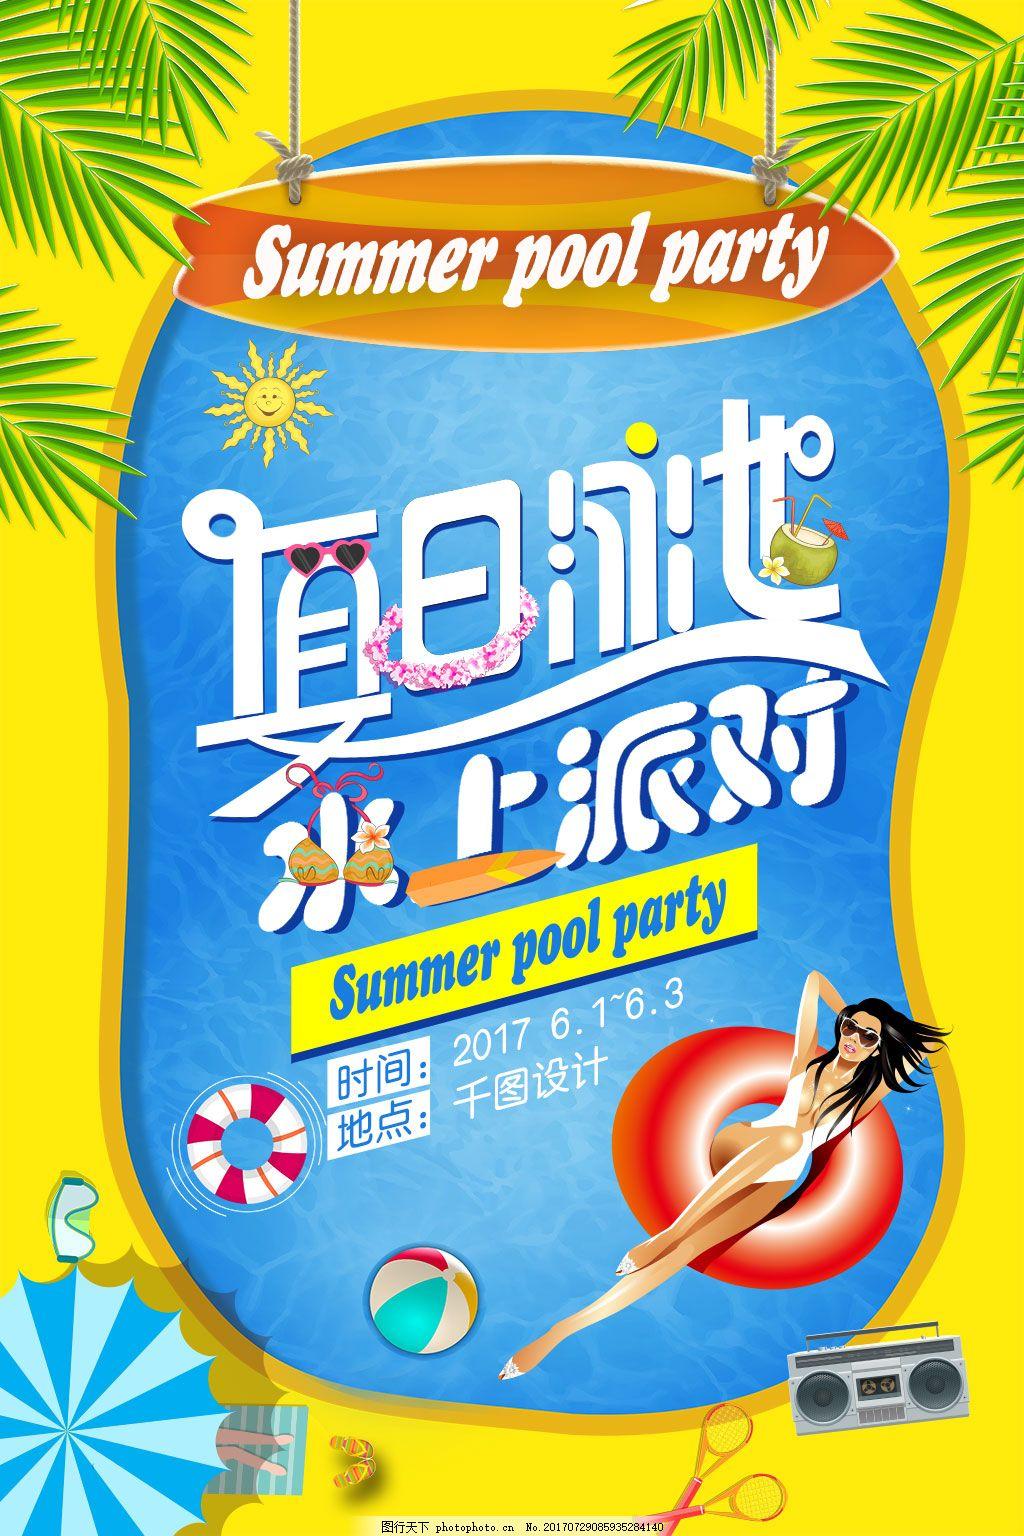 夏日水上派对海报 水上世界 儿童水上乐园 玩转夏日 夏季 玩水